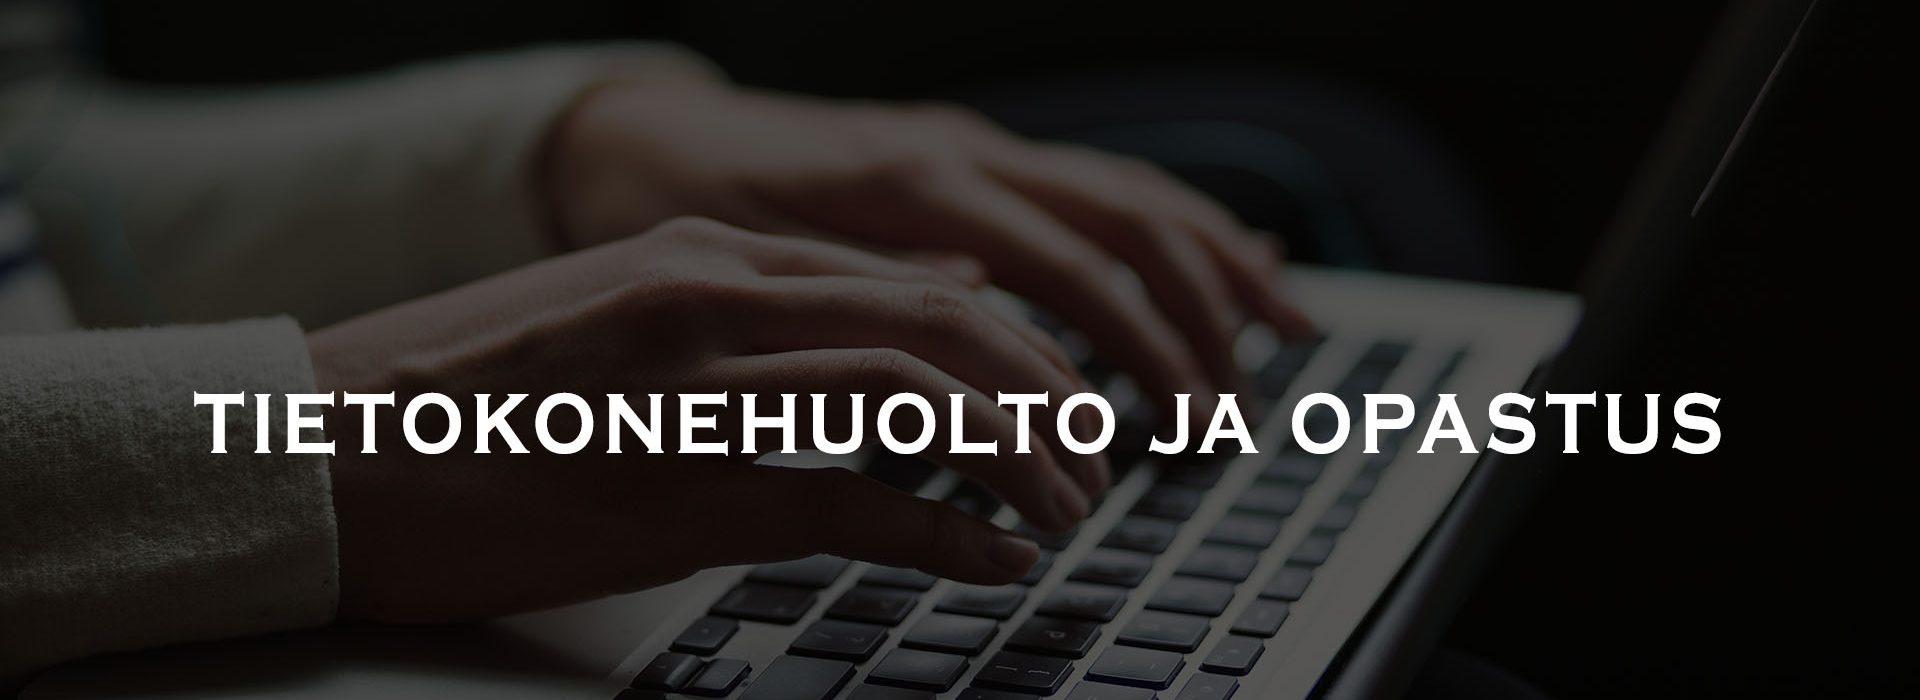 Tietokonehuolto ja opastus Pohjois-Savossa - FinMacGyver Oy